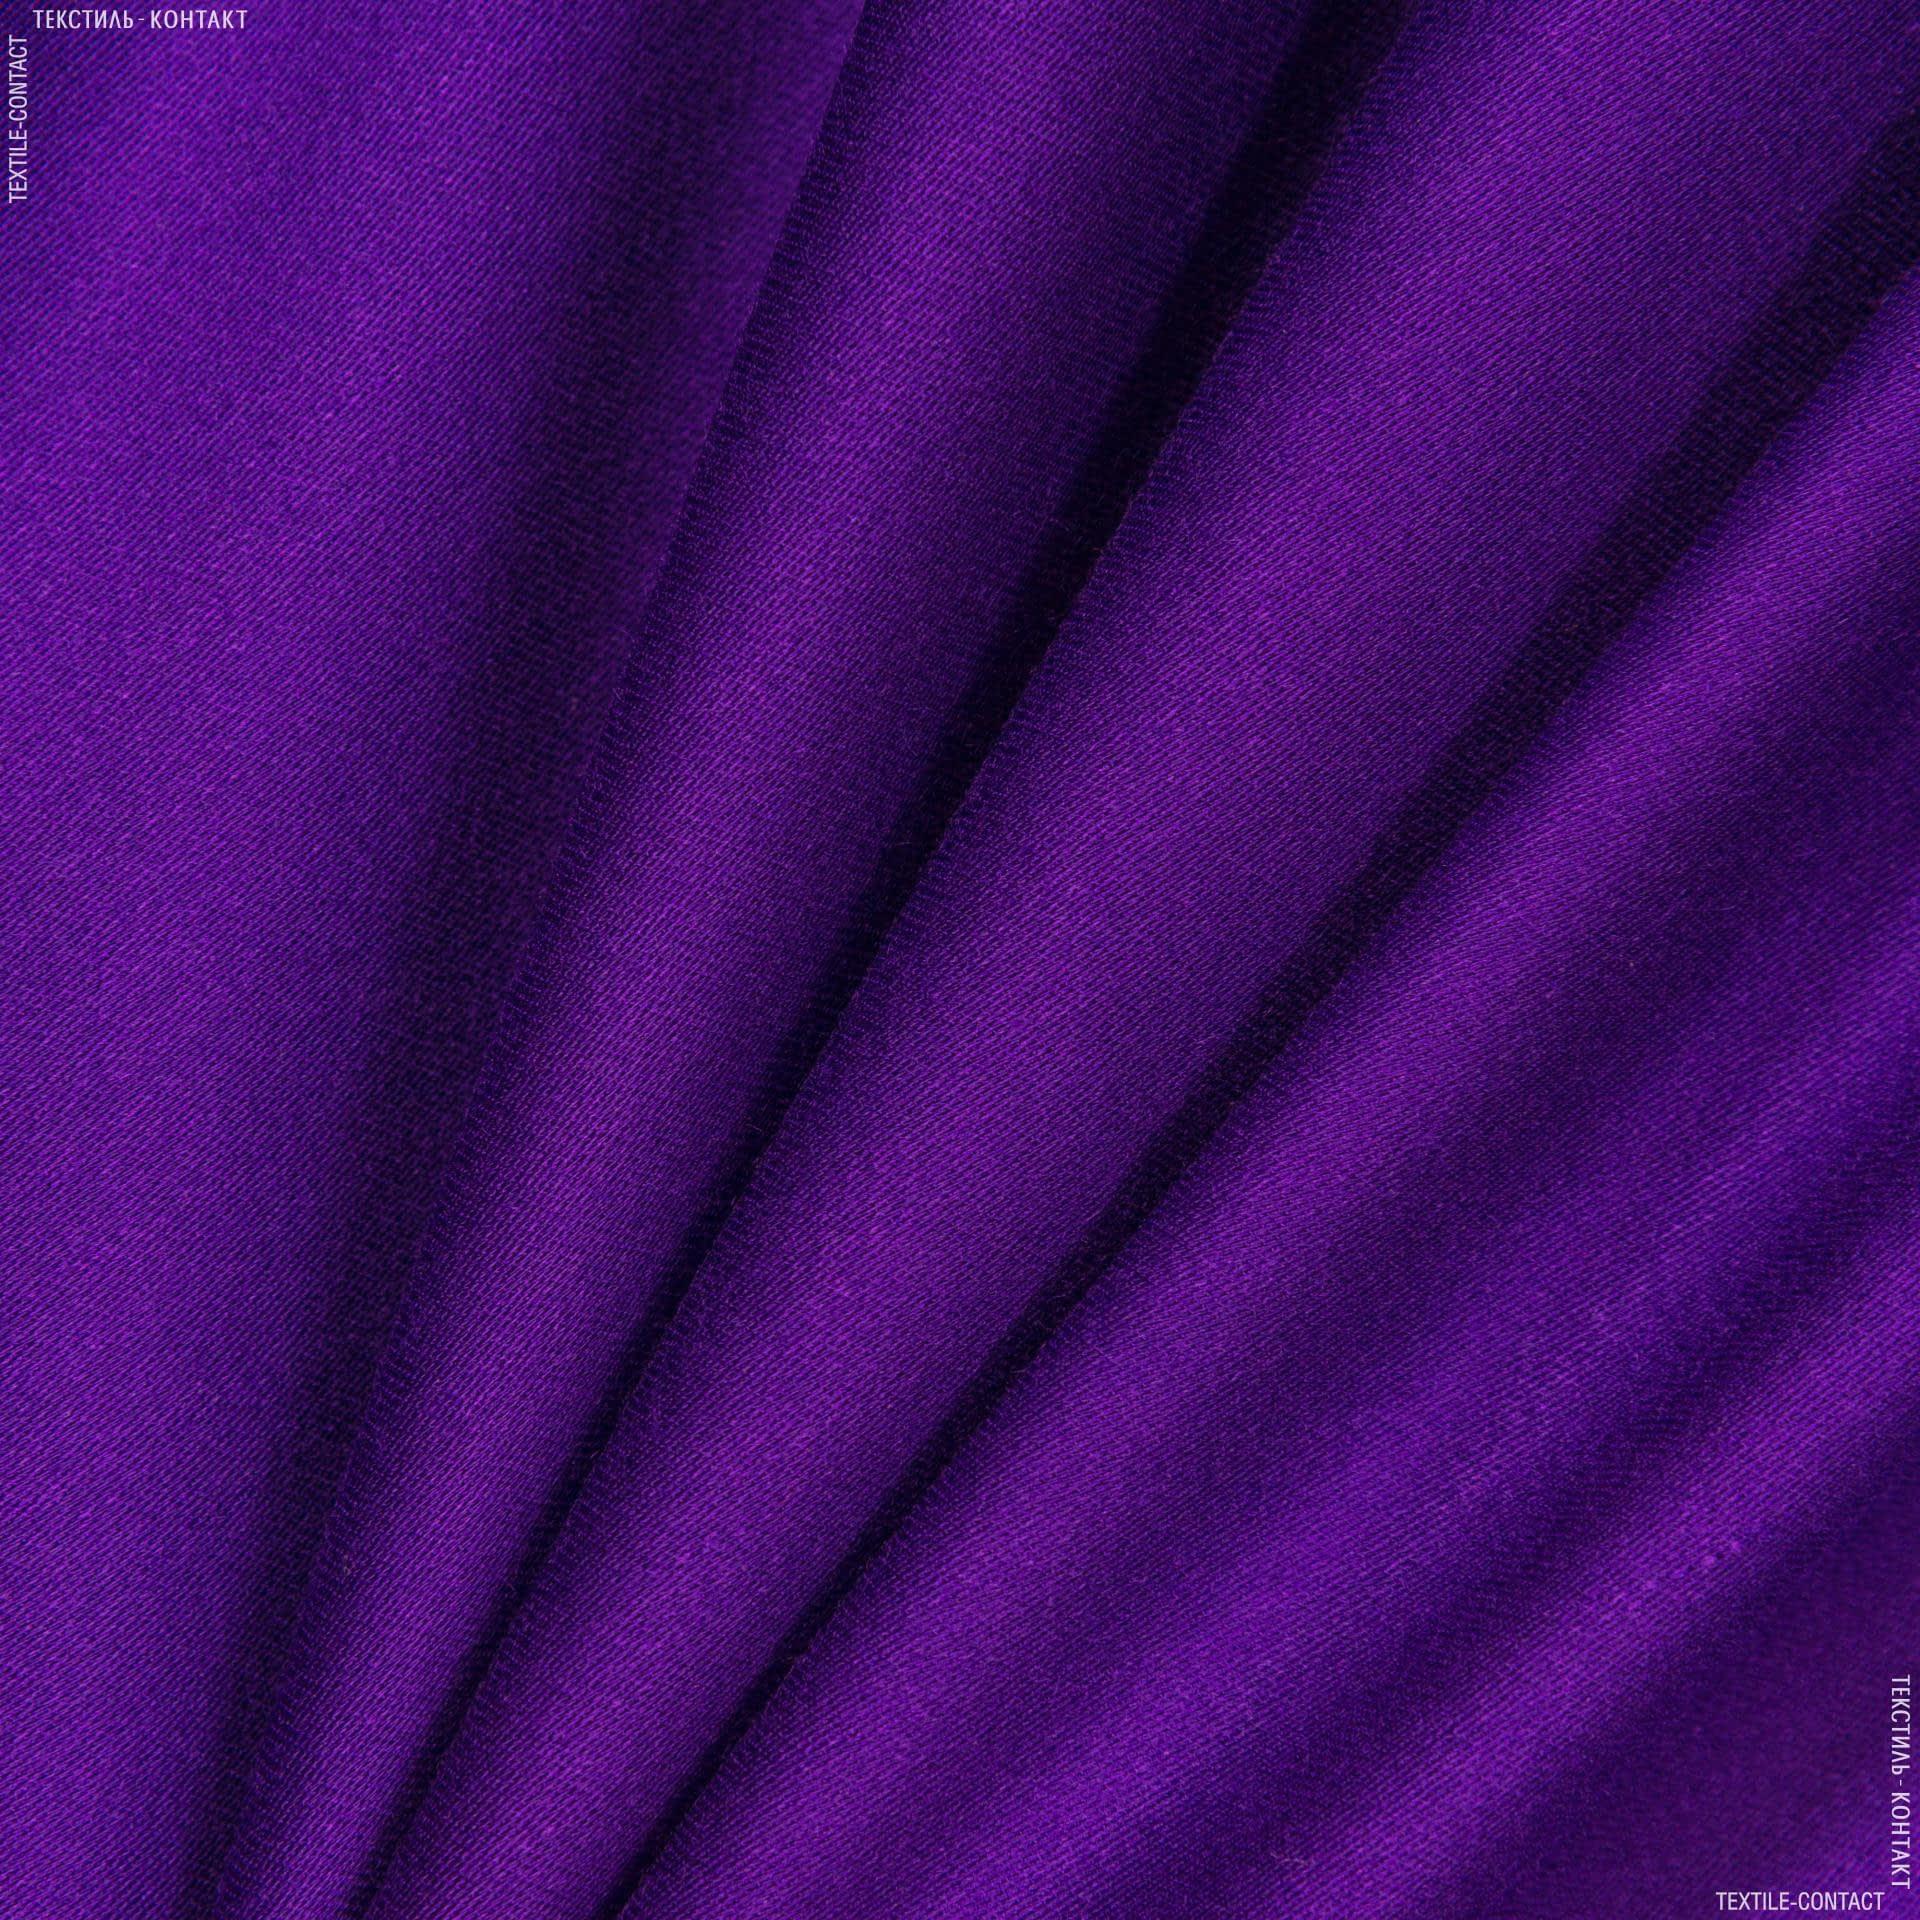 Тканини для костюмів - Костюмний сатин віскозний фіолетовий